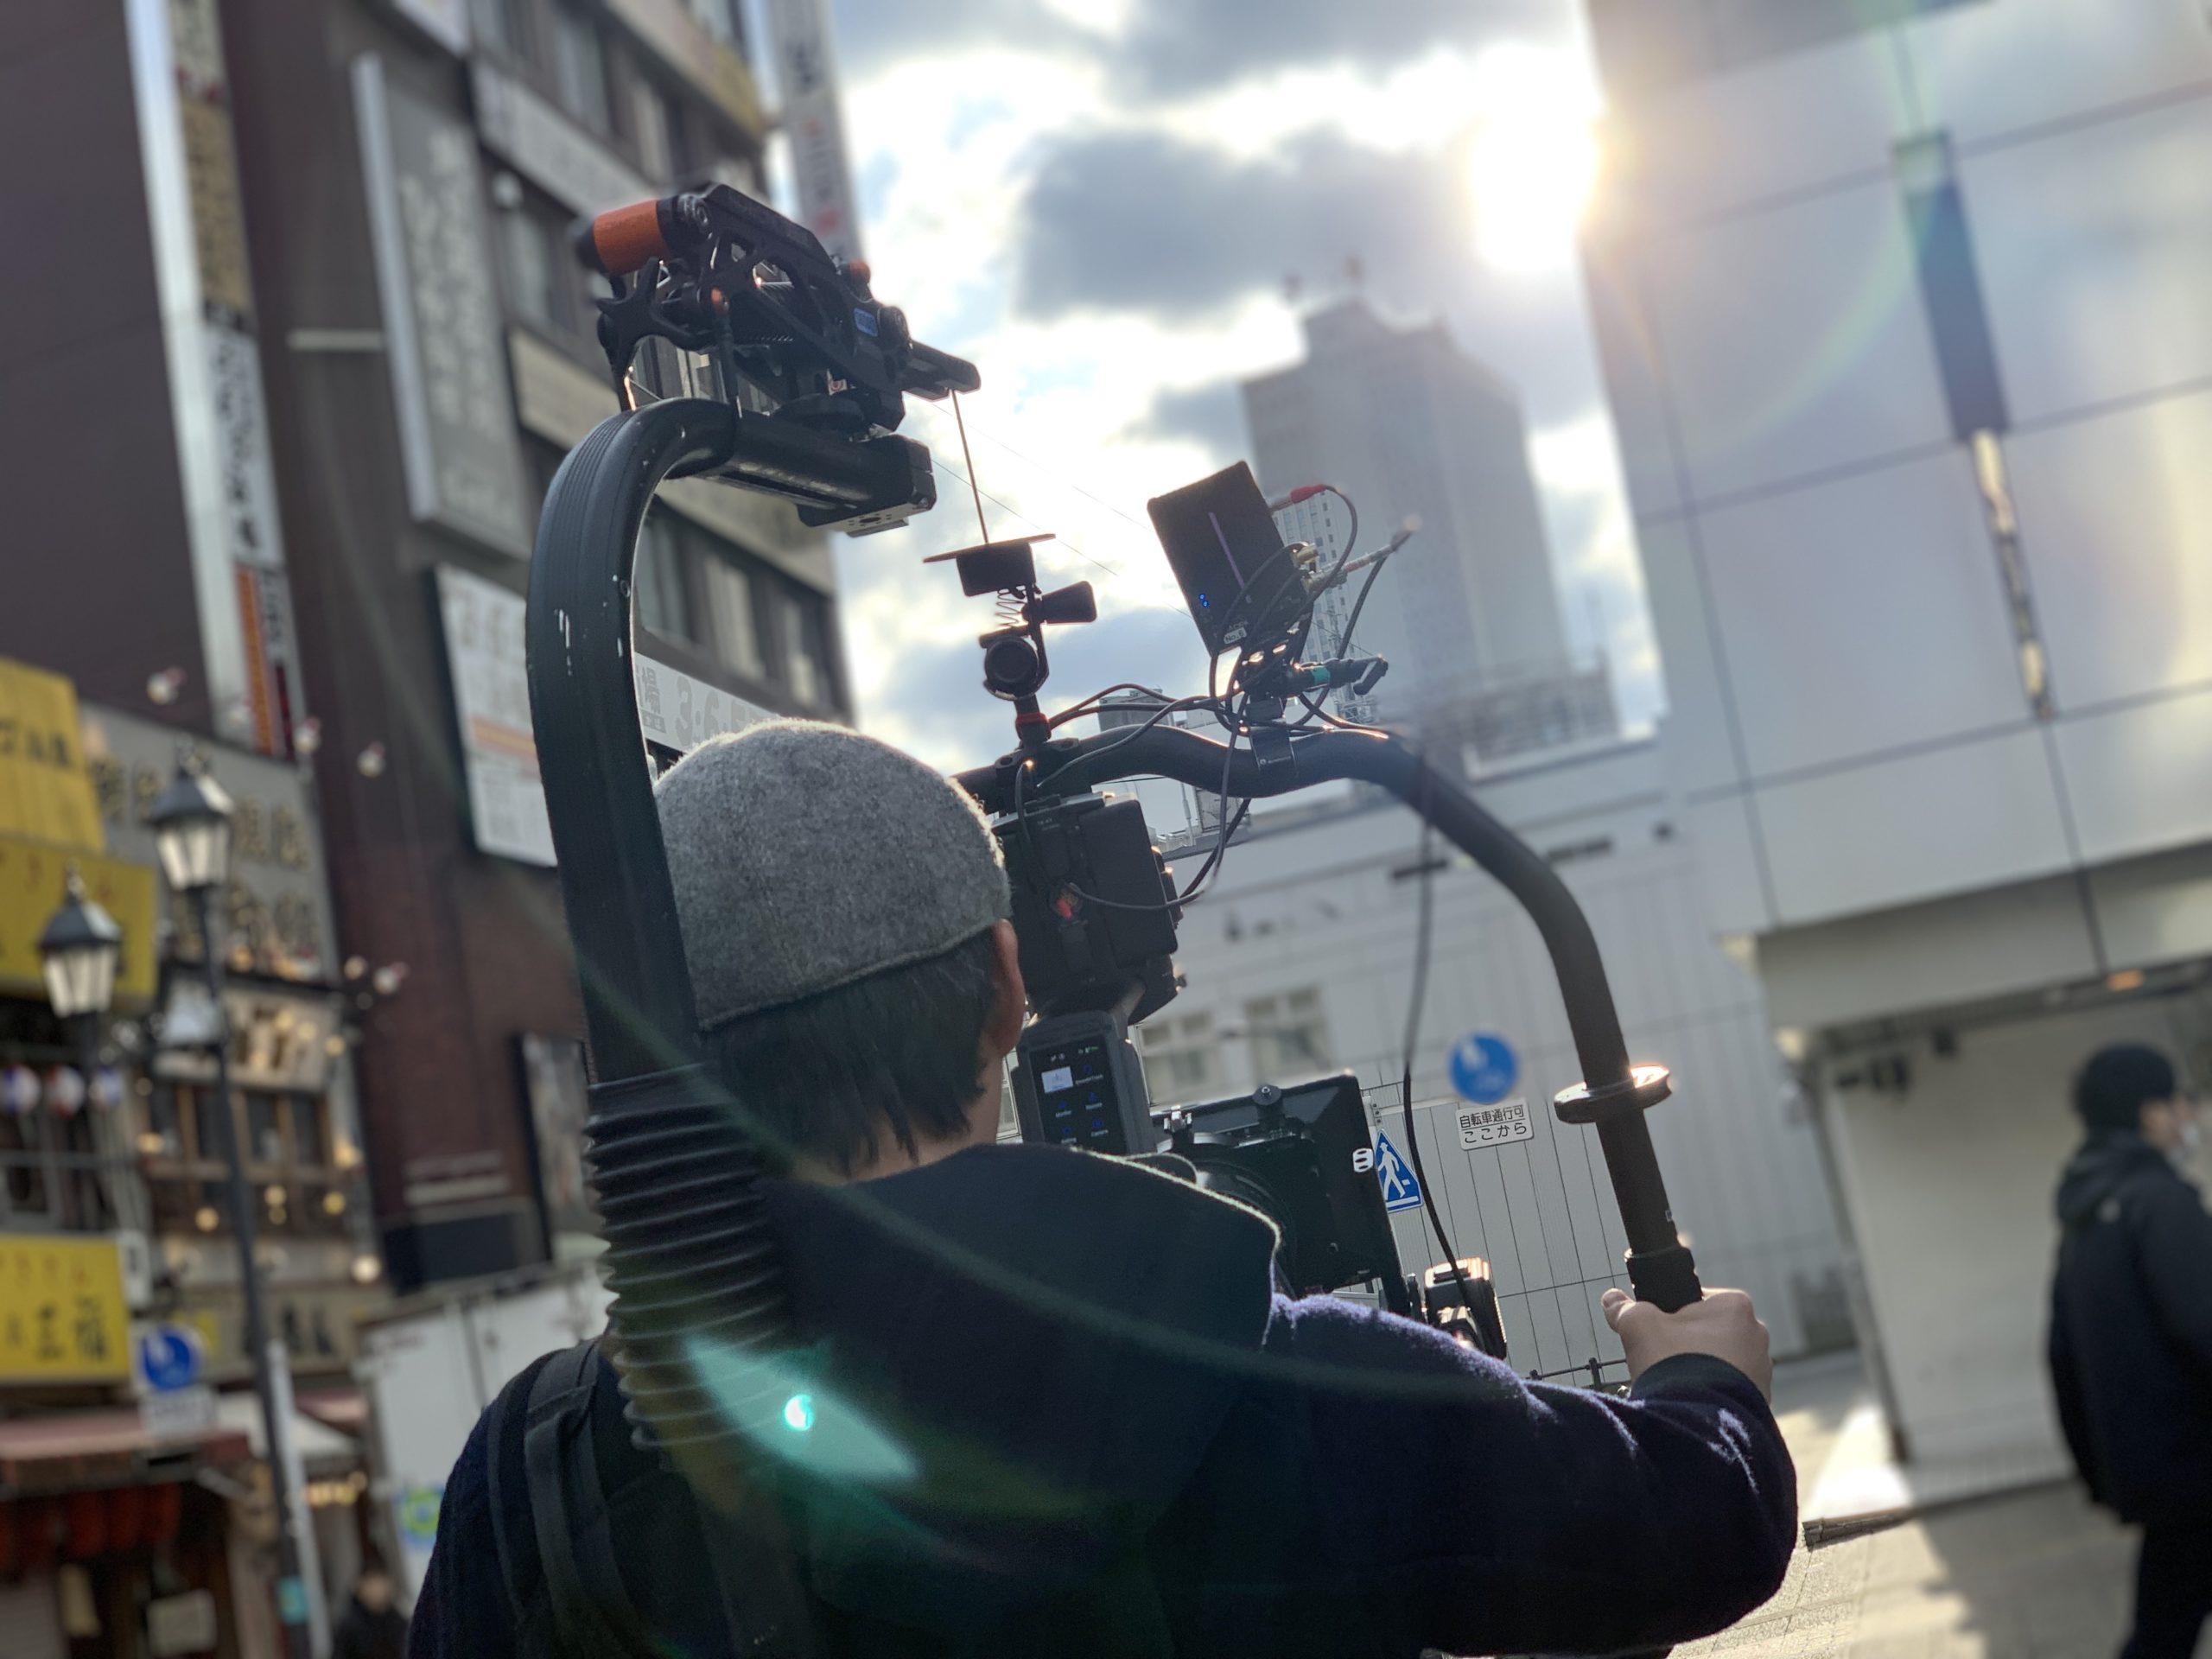 プロのカメラマンが撮影する様子